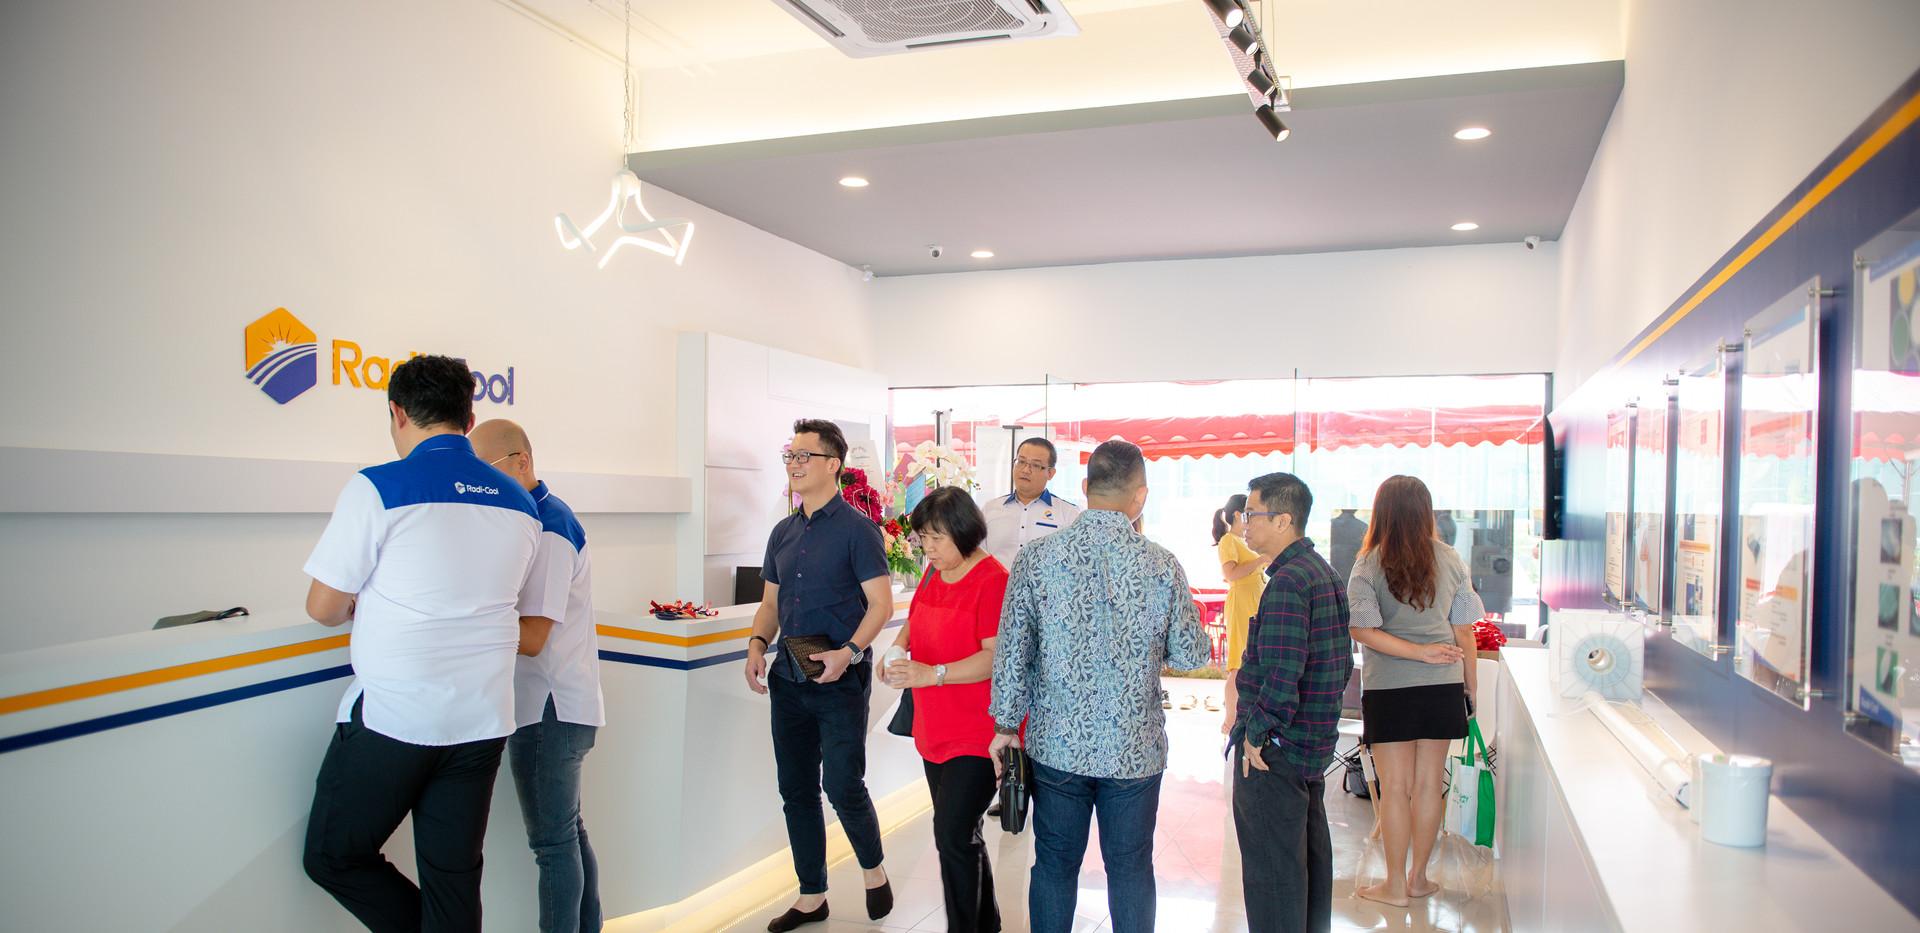 Radi Cool Malaysia Showroom